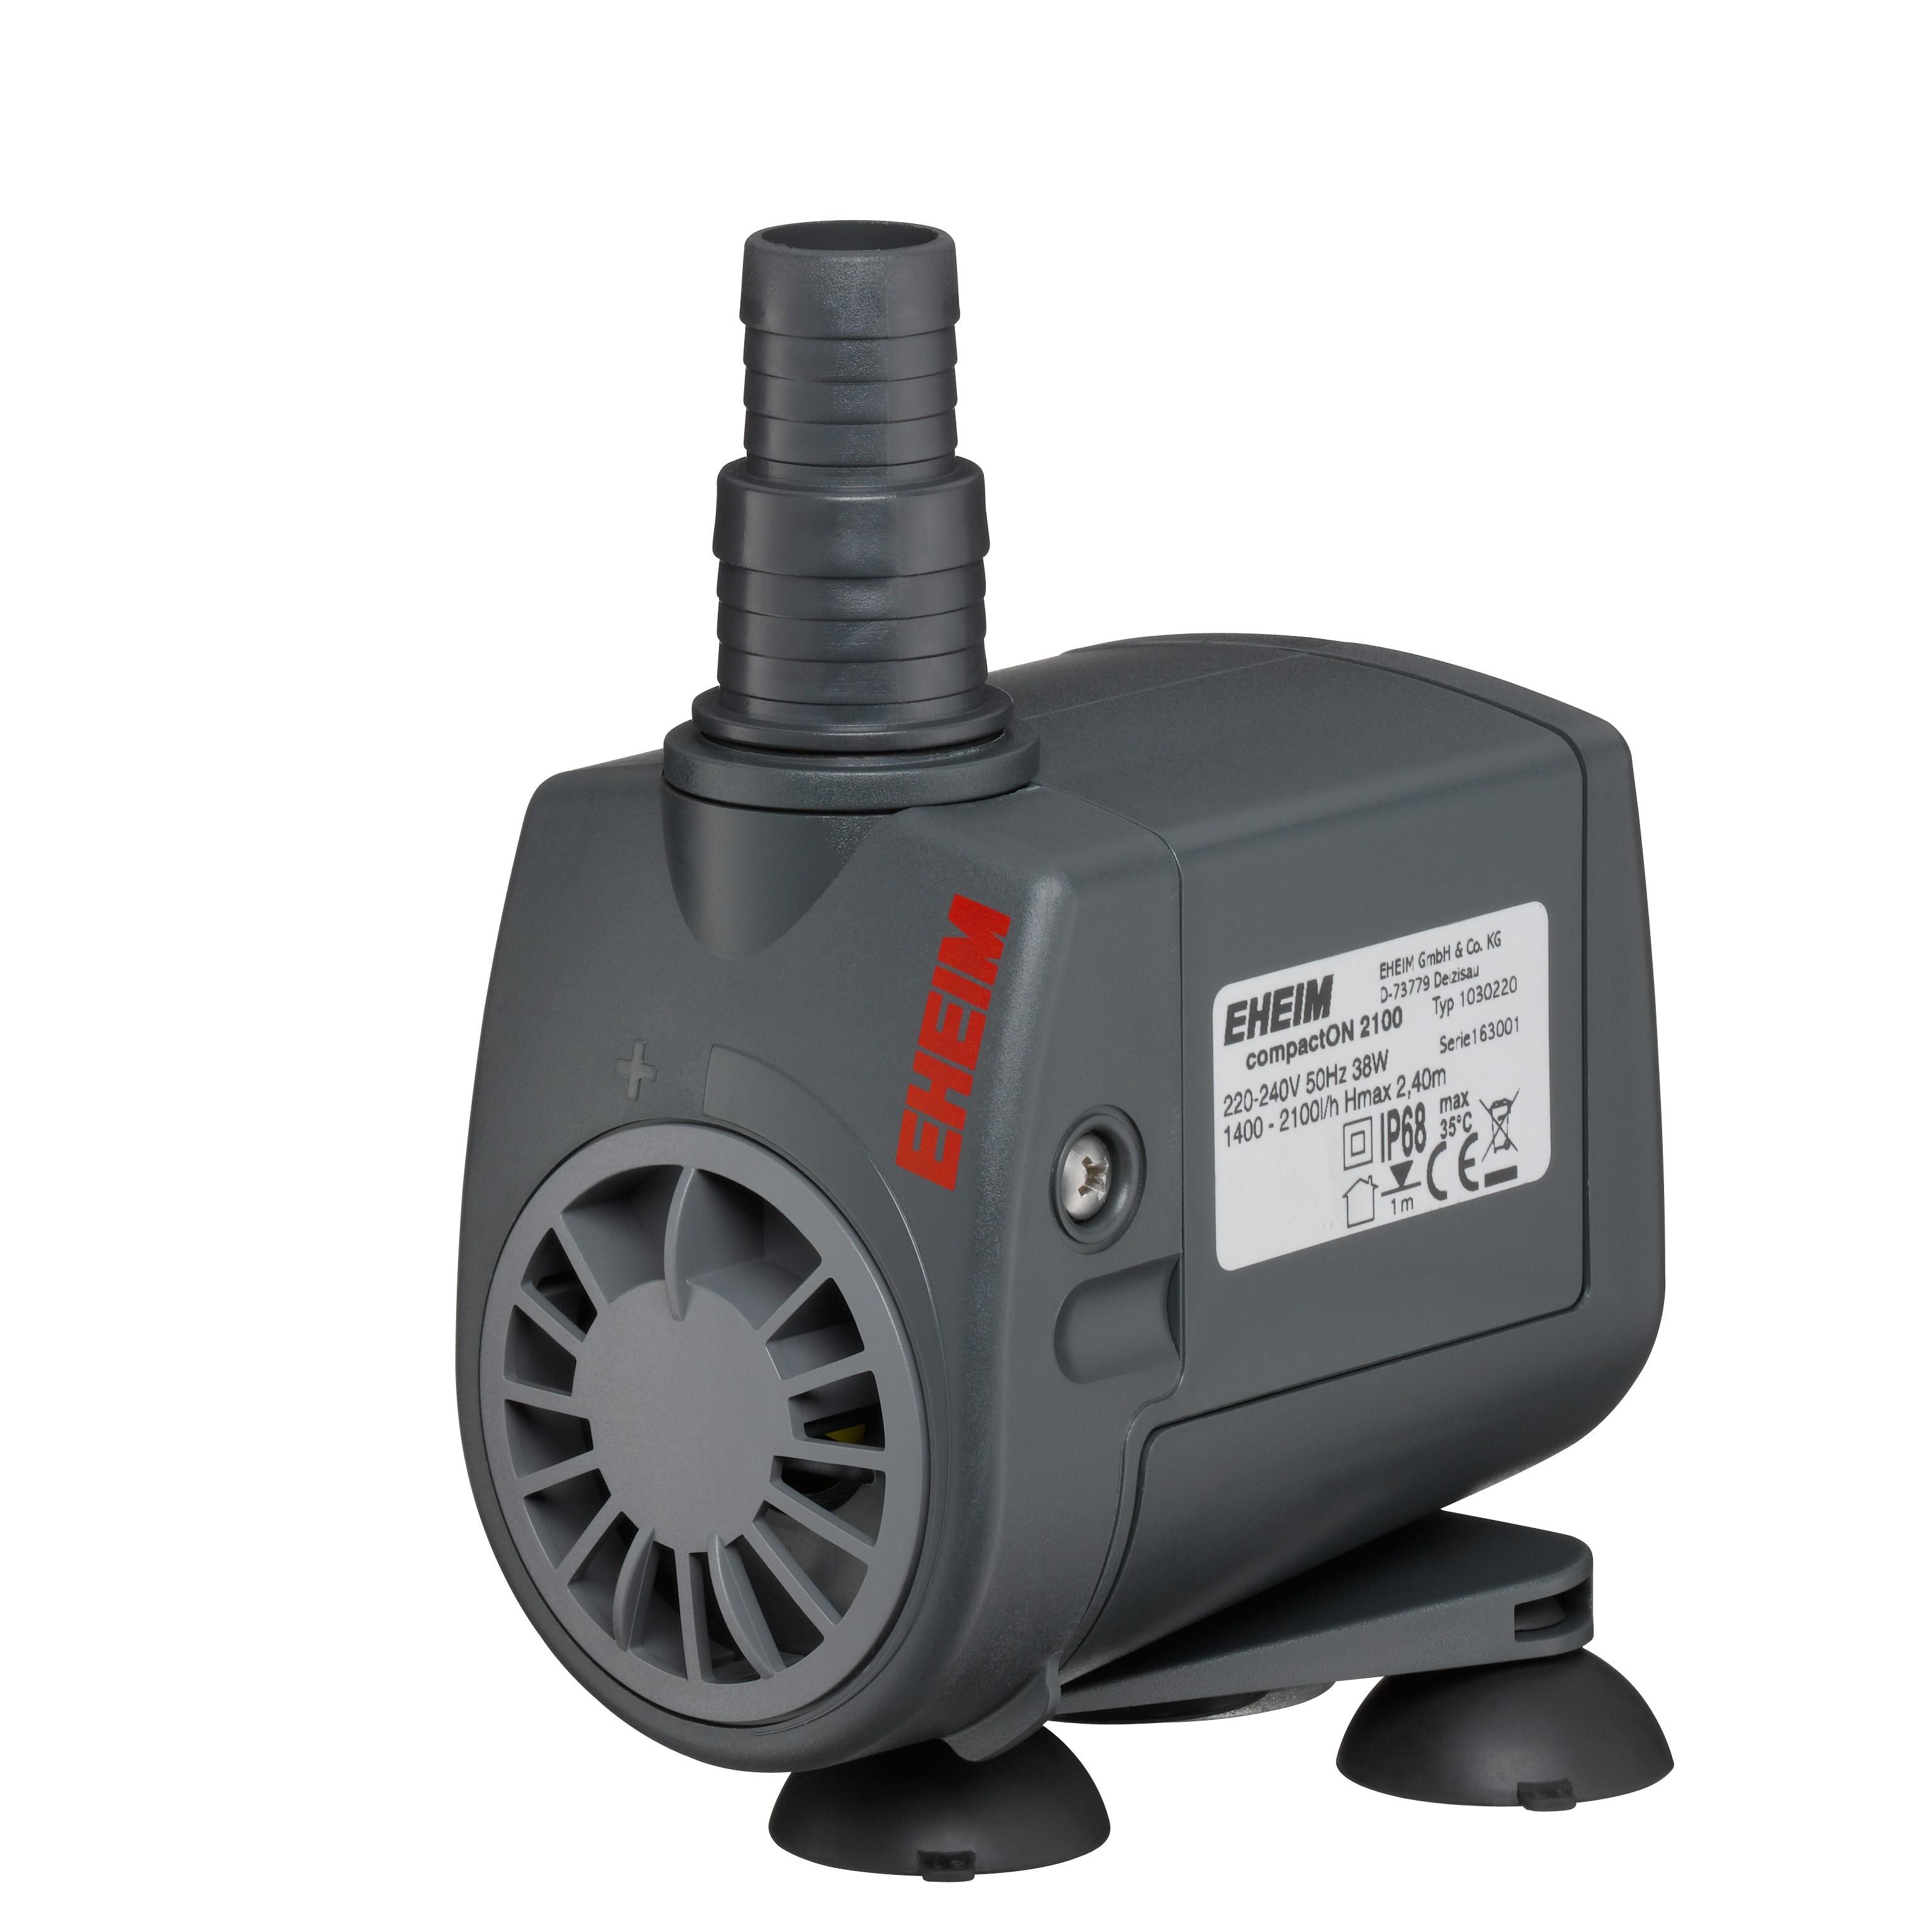 Eheim Compact on 3000 Powerhead